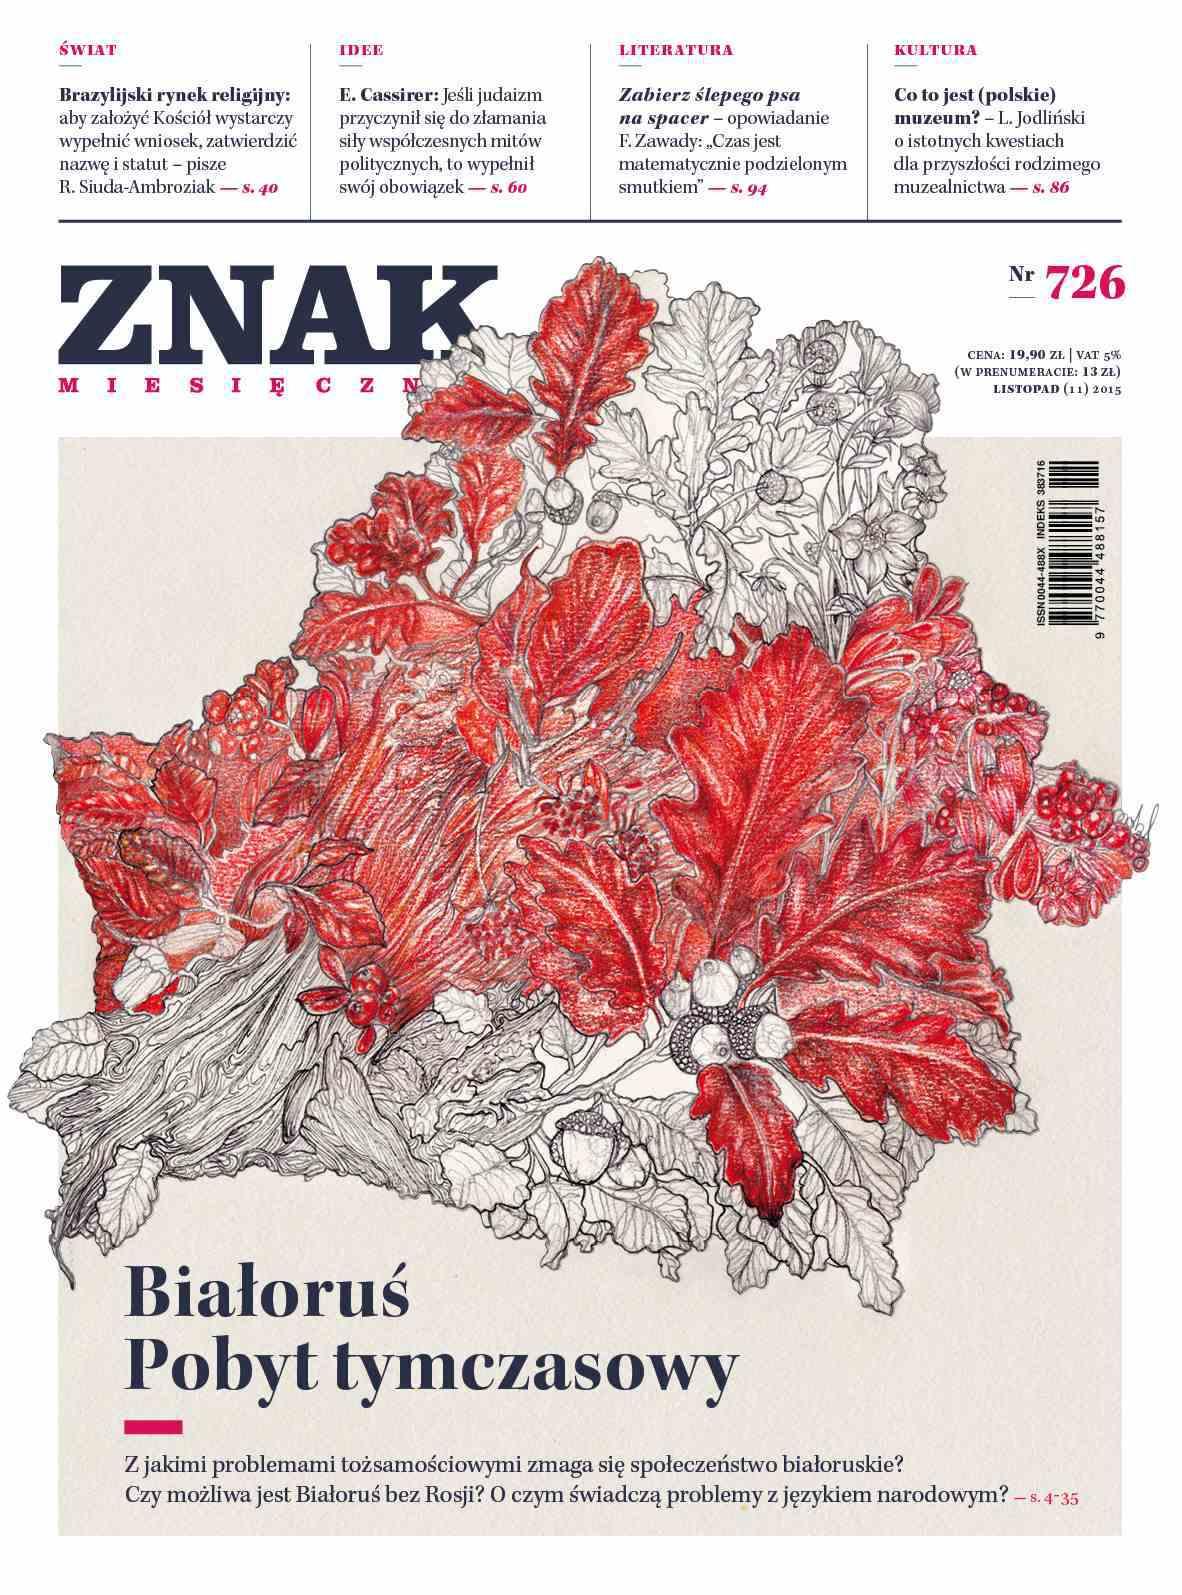 Miesięcznik Znak. Białoruś. Pobyt tymczasowy. Nr 726 - Ebook (Książka PDF) do pobrania w formacie PDF